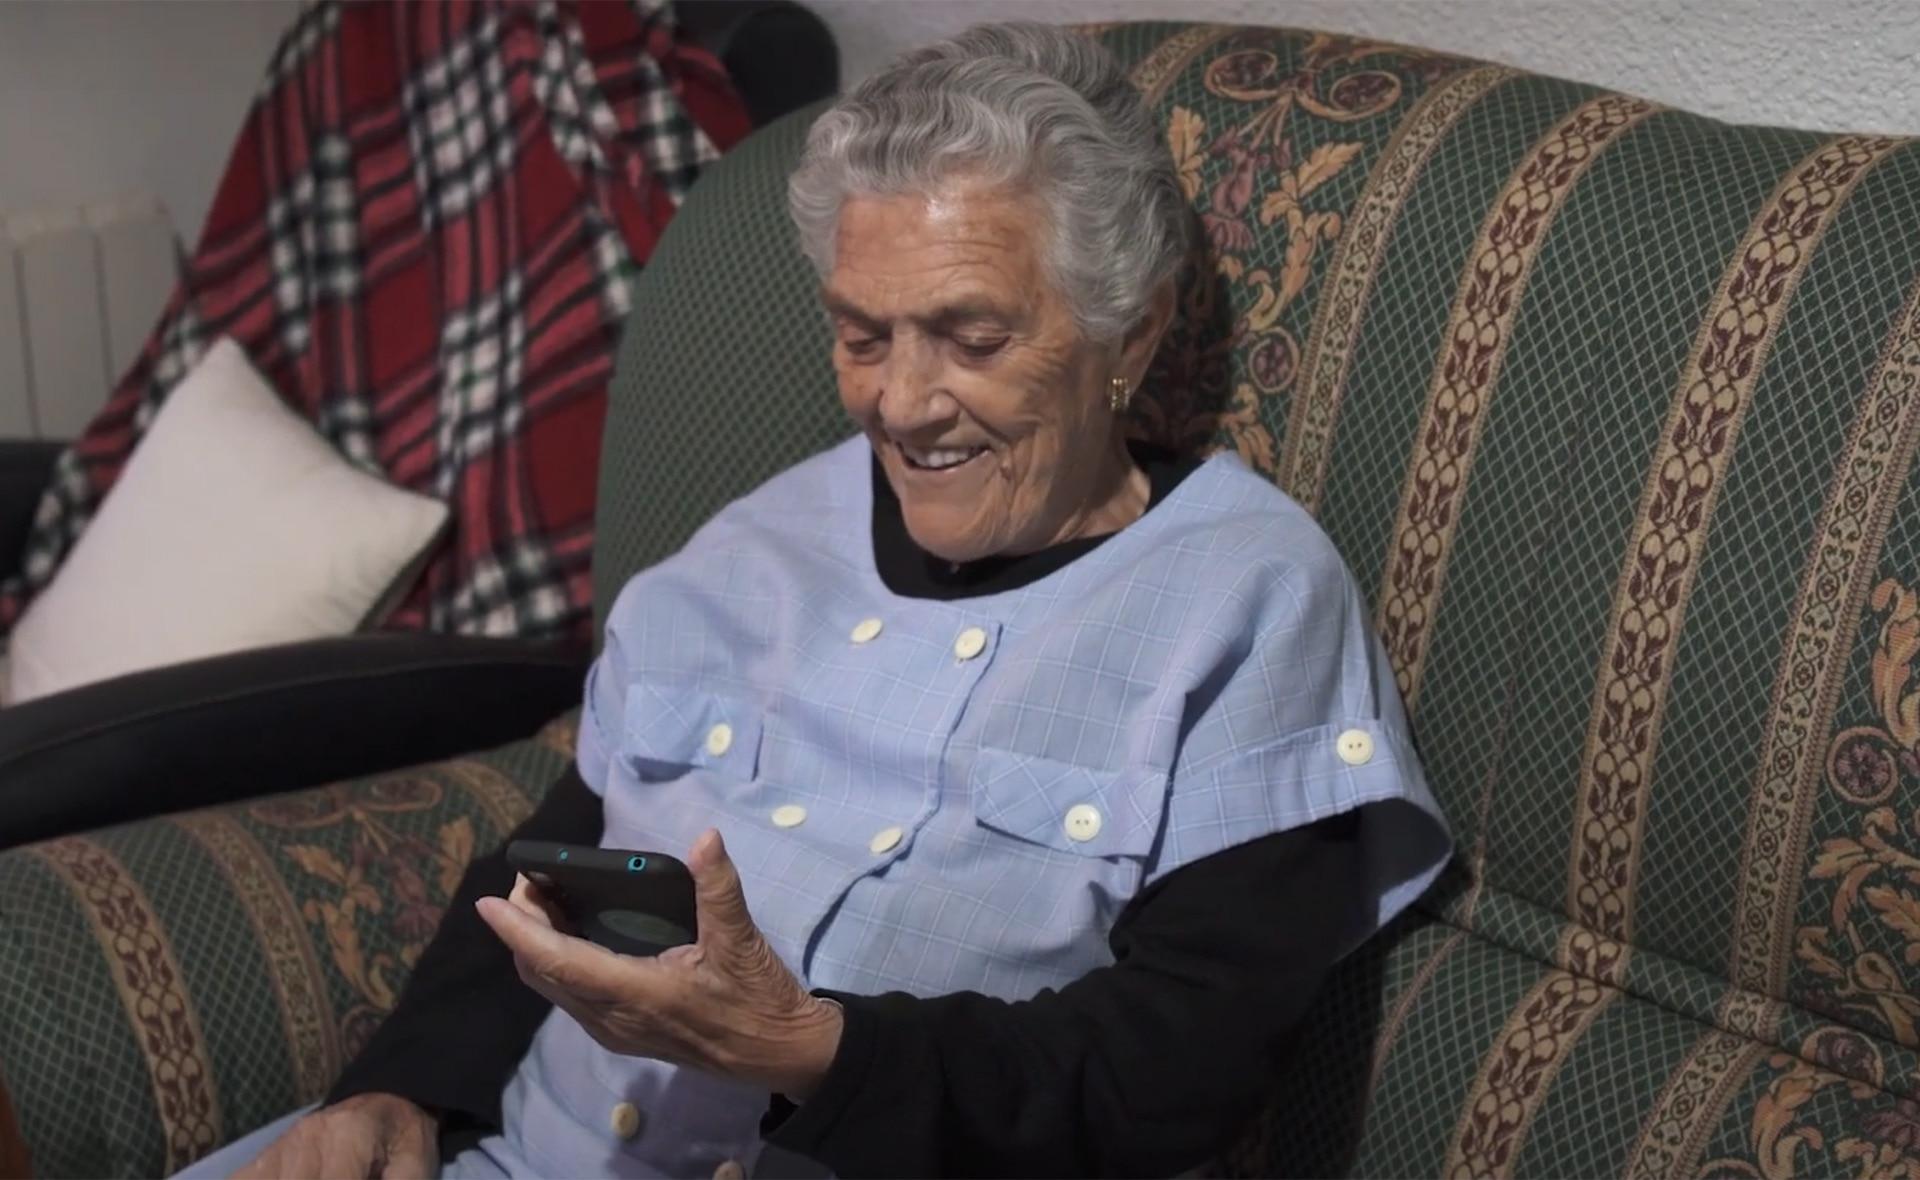 BBVA-Poscast-deep-talks-maximiliana-movil-abuelos-brecha-digital-invento-app